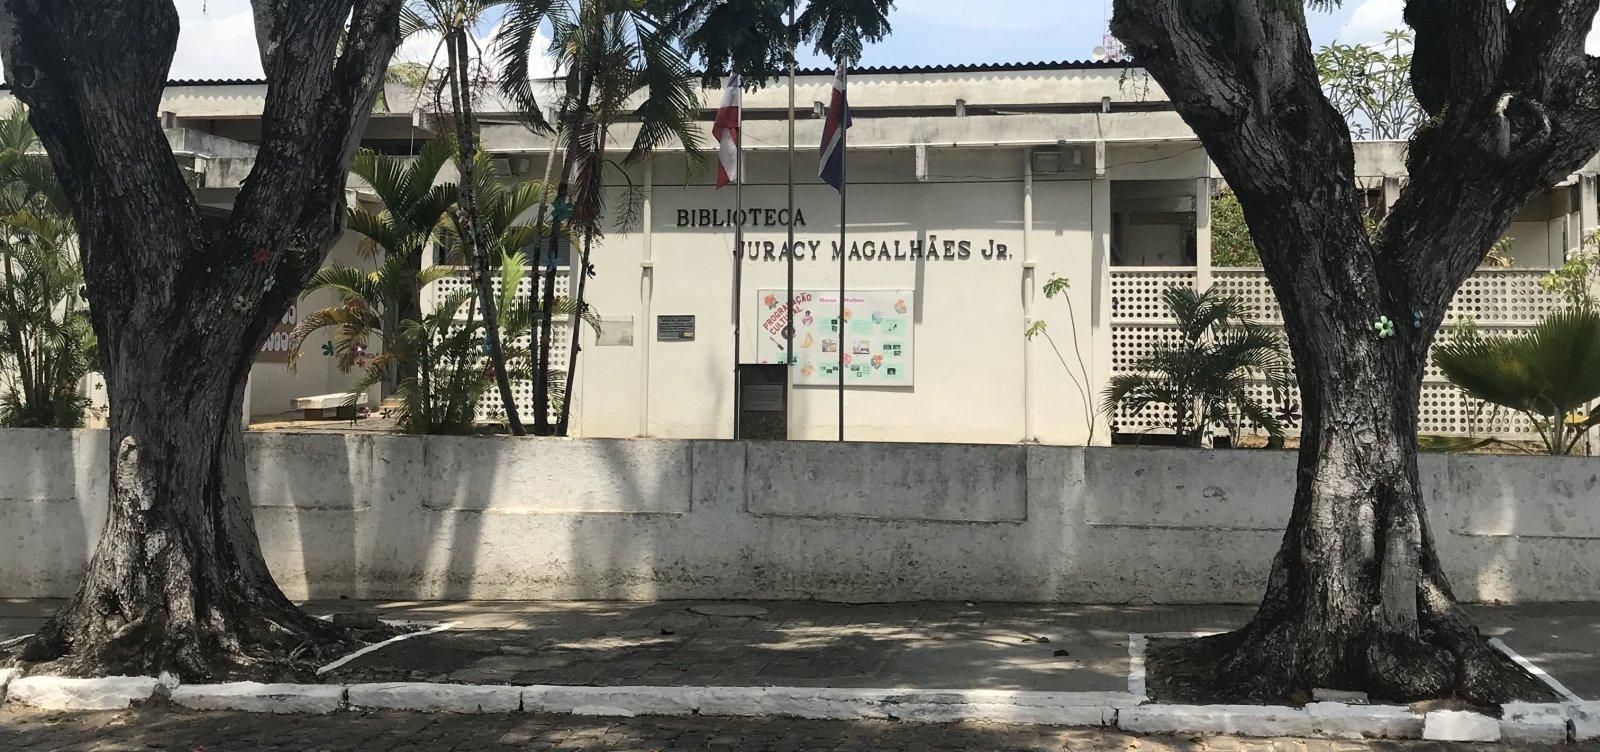 [Em reforma, biblioteca de Itaparica tem atendimento suspenso por ao menos 360 dias]